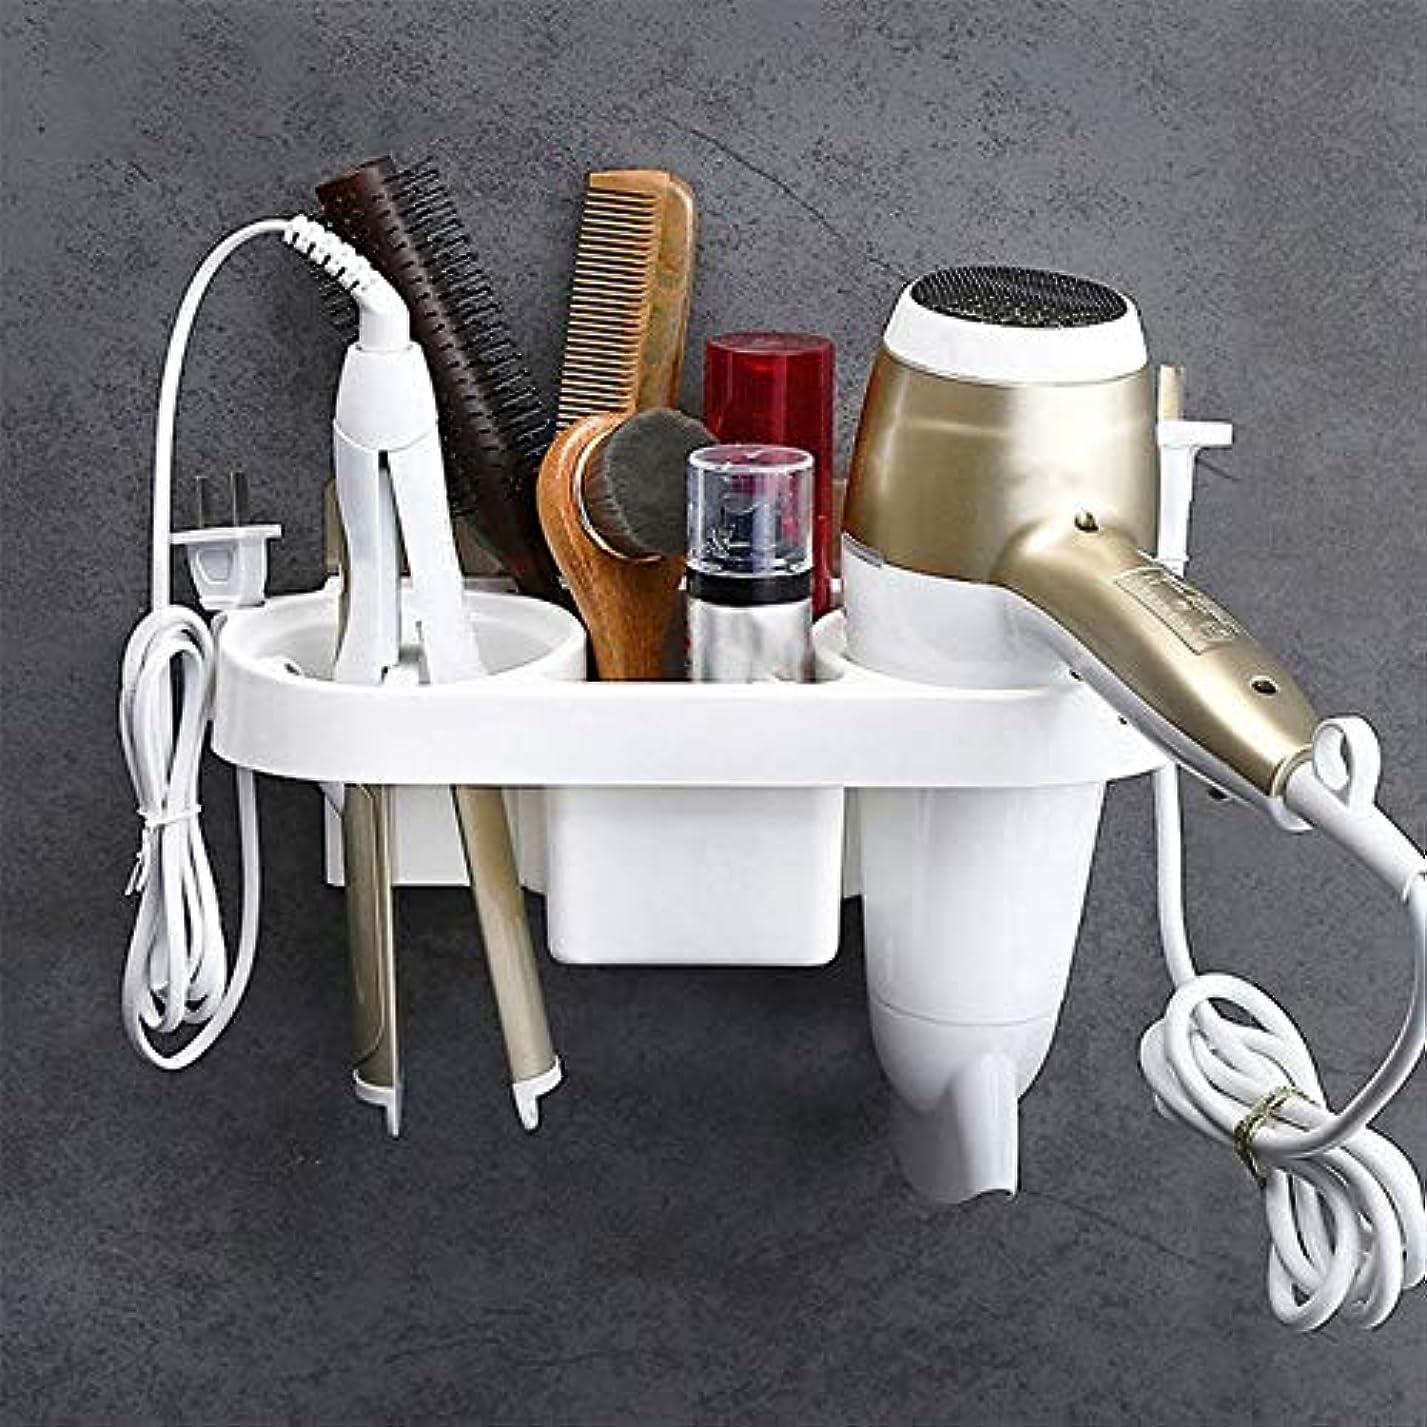 探偵あたたかいどれZRDXJ 浴室用ラック 多機能の浴室の貯蔵のヘアードライヤーのホールダーのシャワーのオルガナイザーの自己接着壁に取り付けられたプラスチック棚のシャンプーのストレートナ